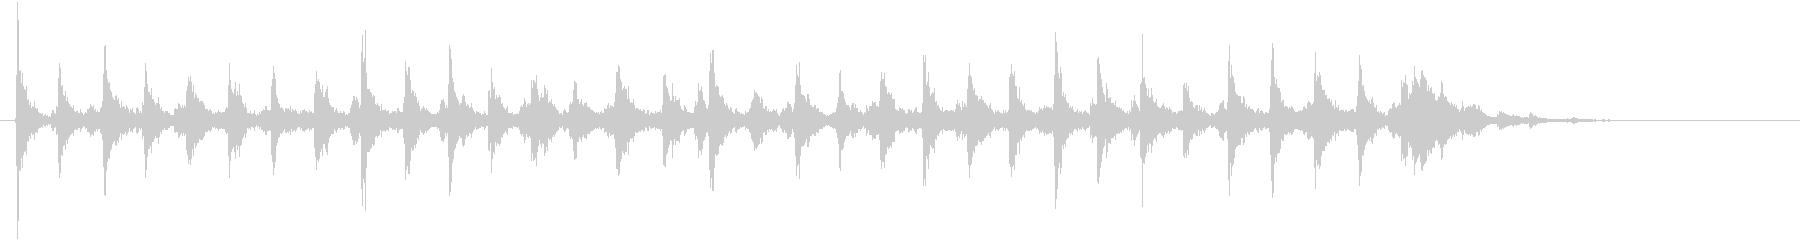 Xmasに最適トナカイベルのループ音07の未再生の波形